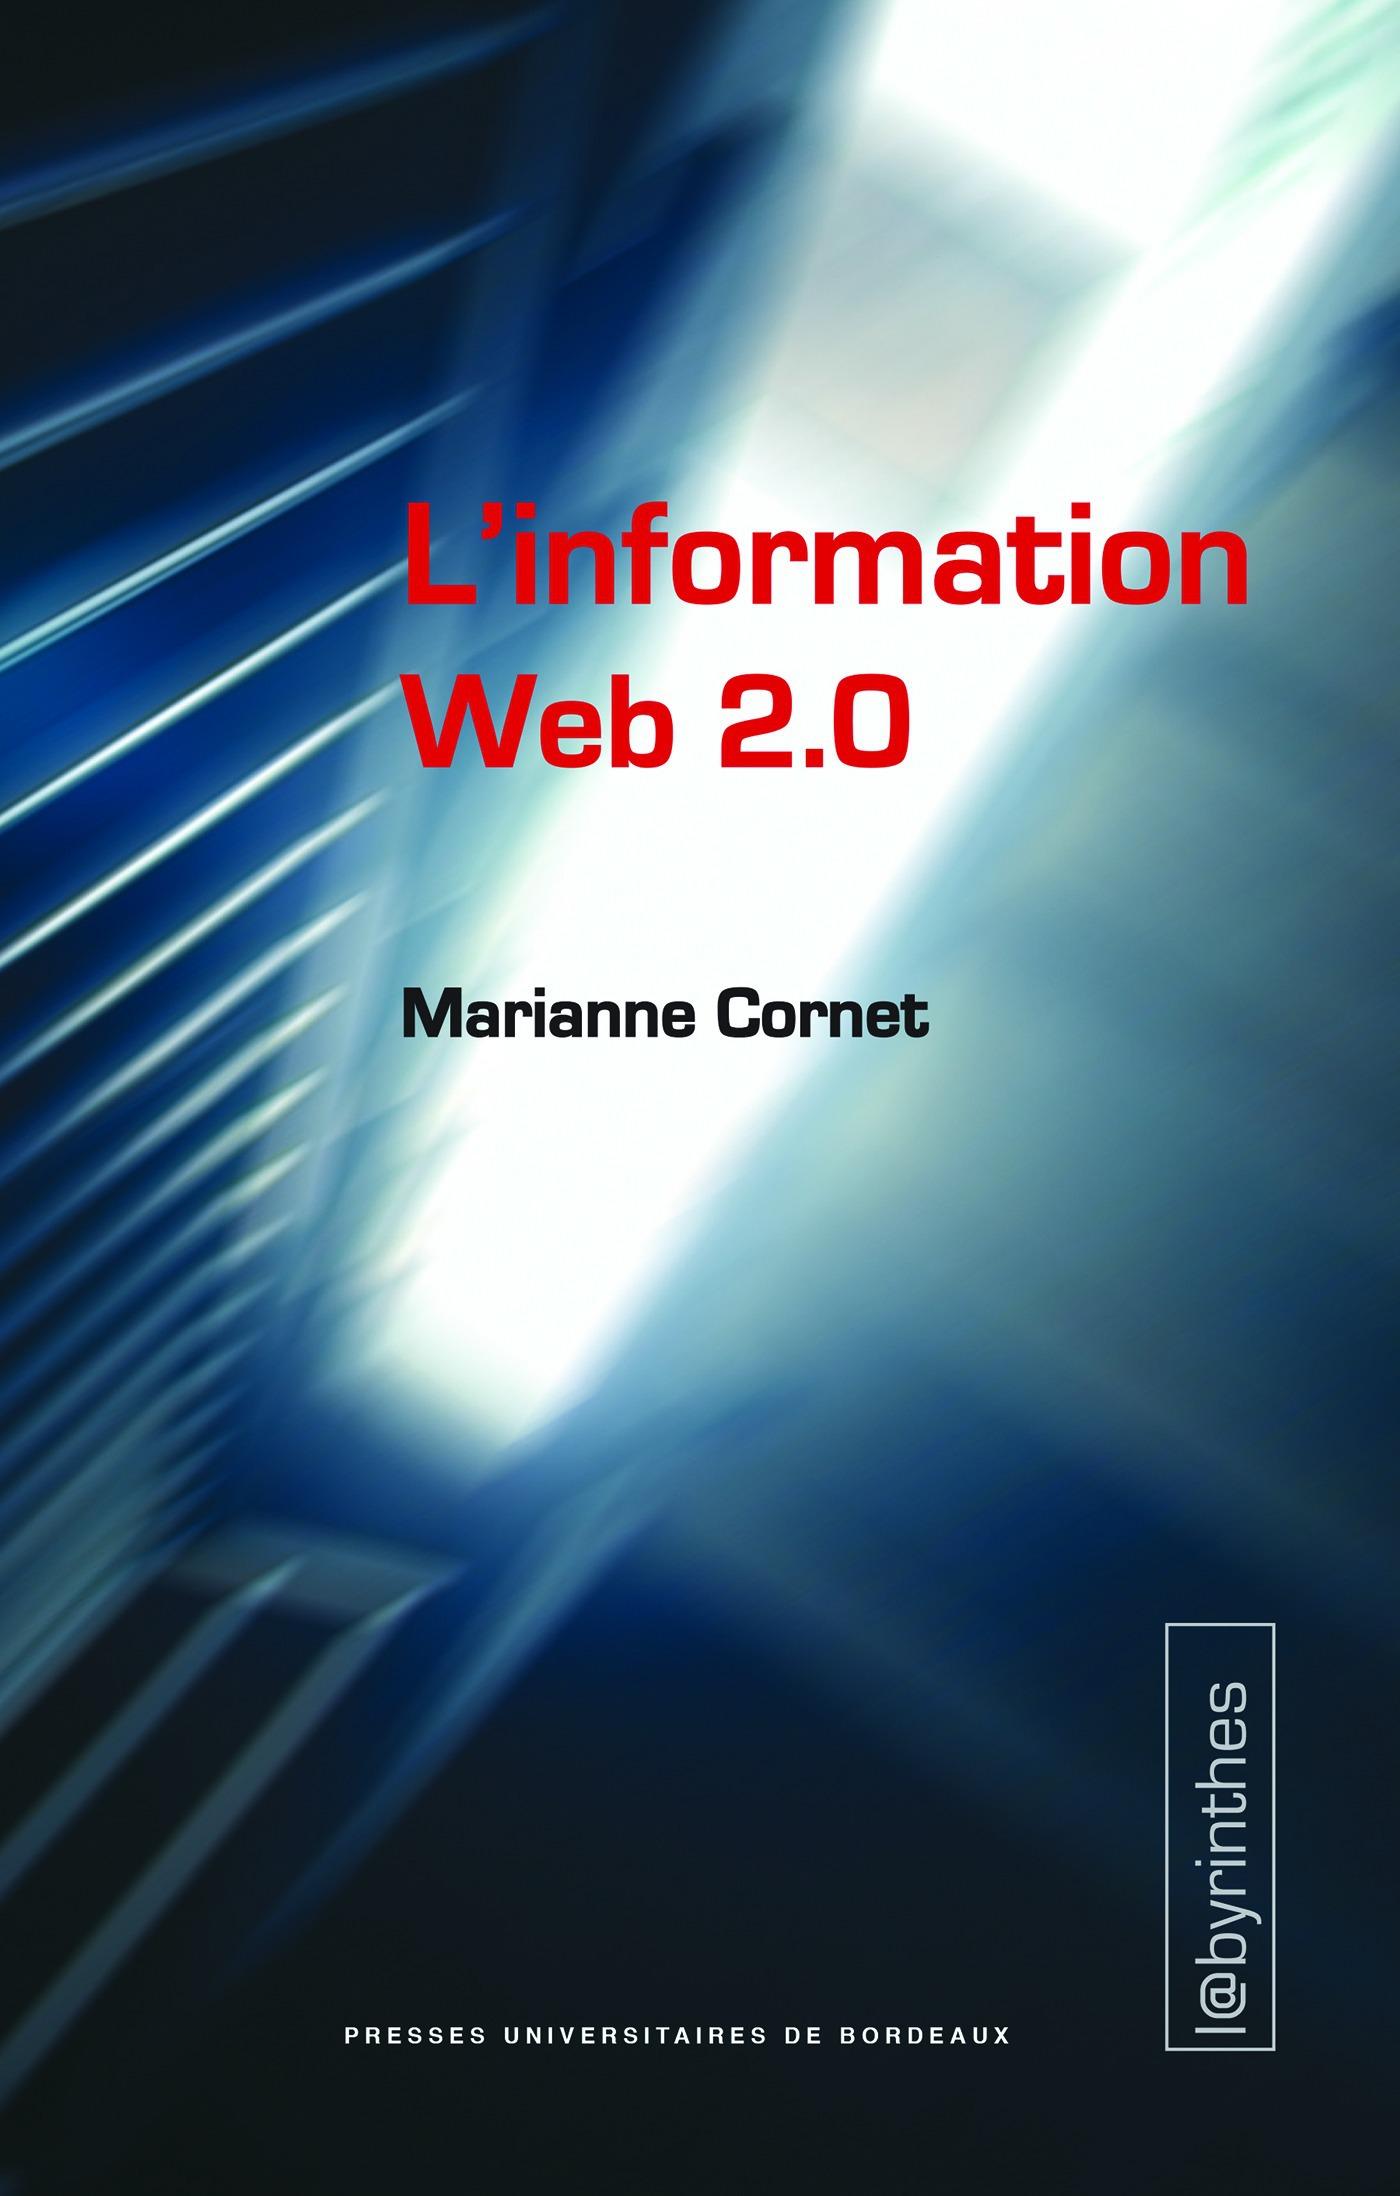 La dynamique complexe de l information web 2.0 ; agrégateurs, blogs, réseaux sociaux, sites d'information et interfaces participatives